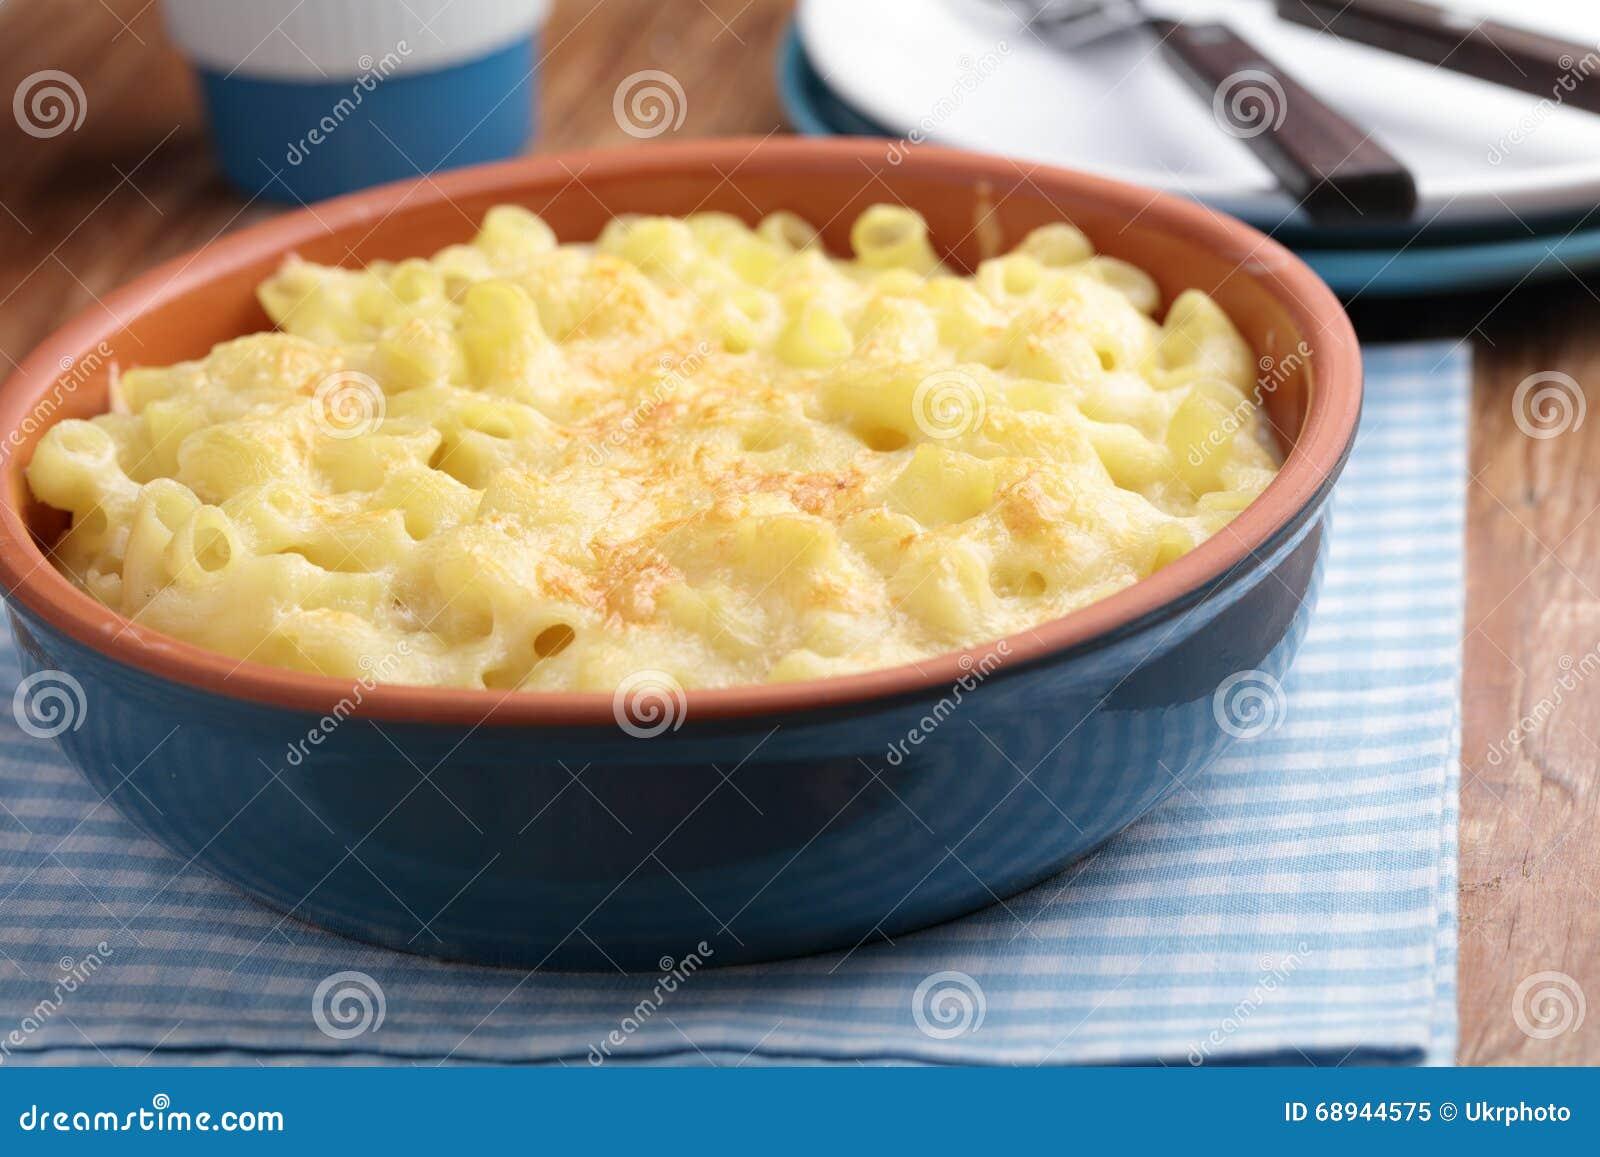 Macaronikaas